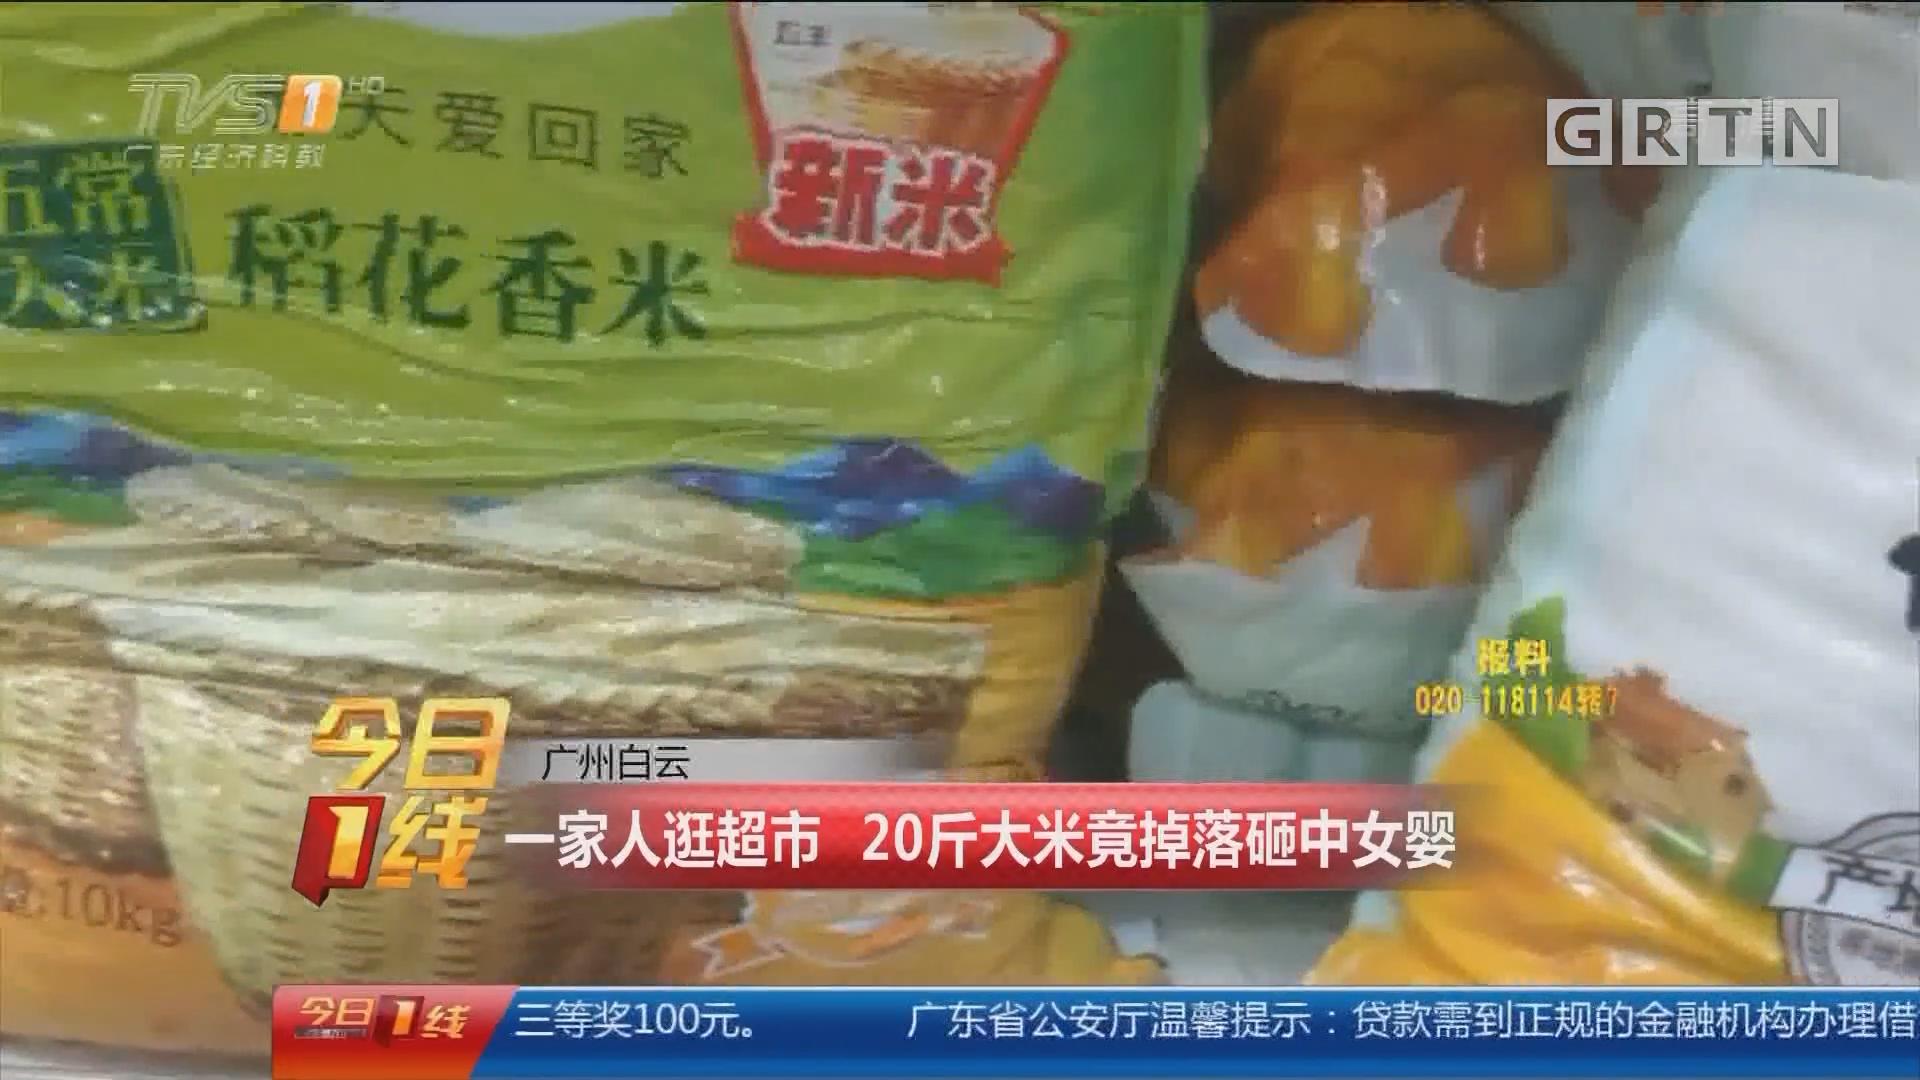 广州白云:一家人逛超市 20斤大米竟掉落砸中女婴